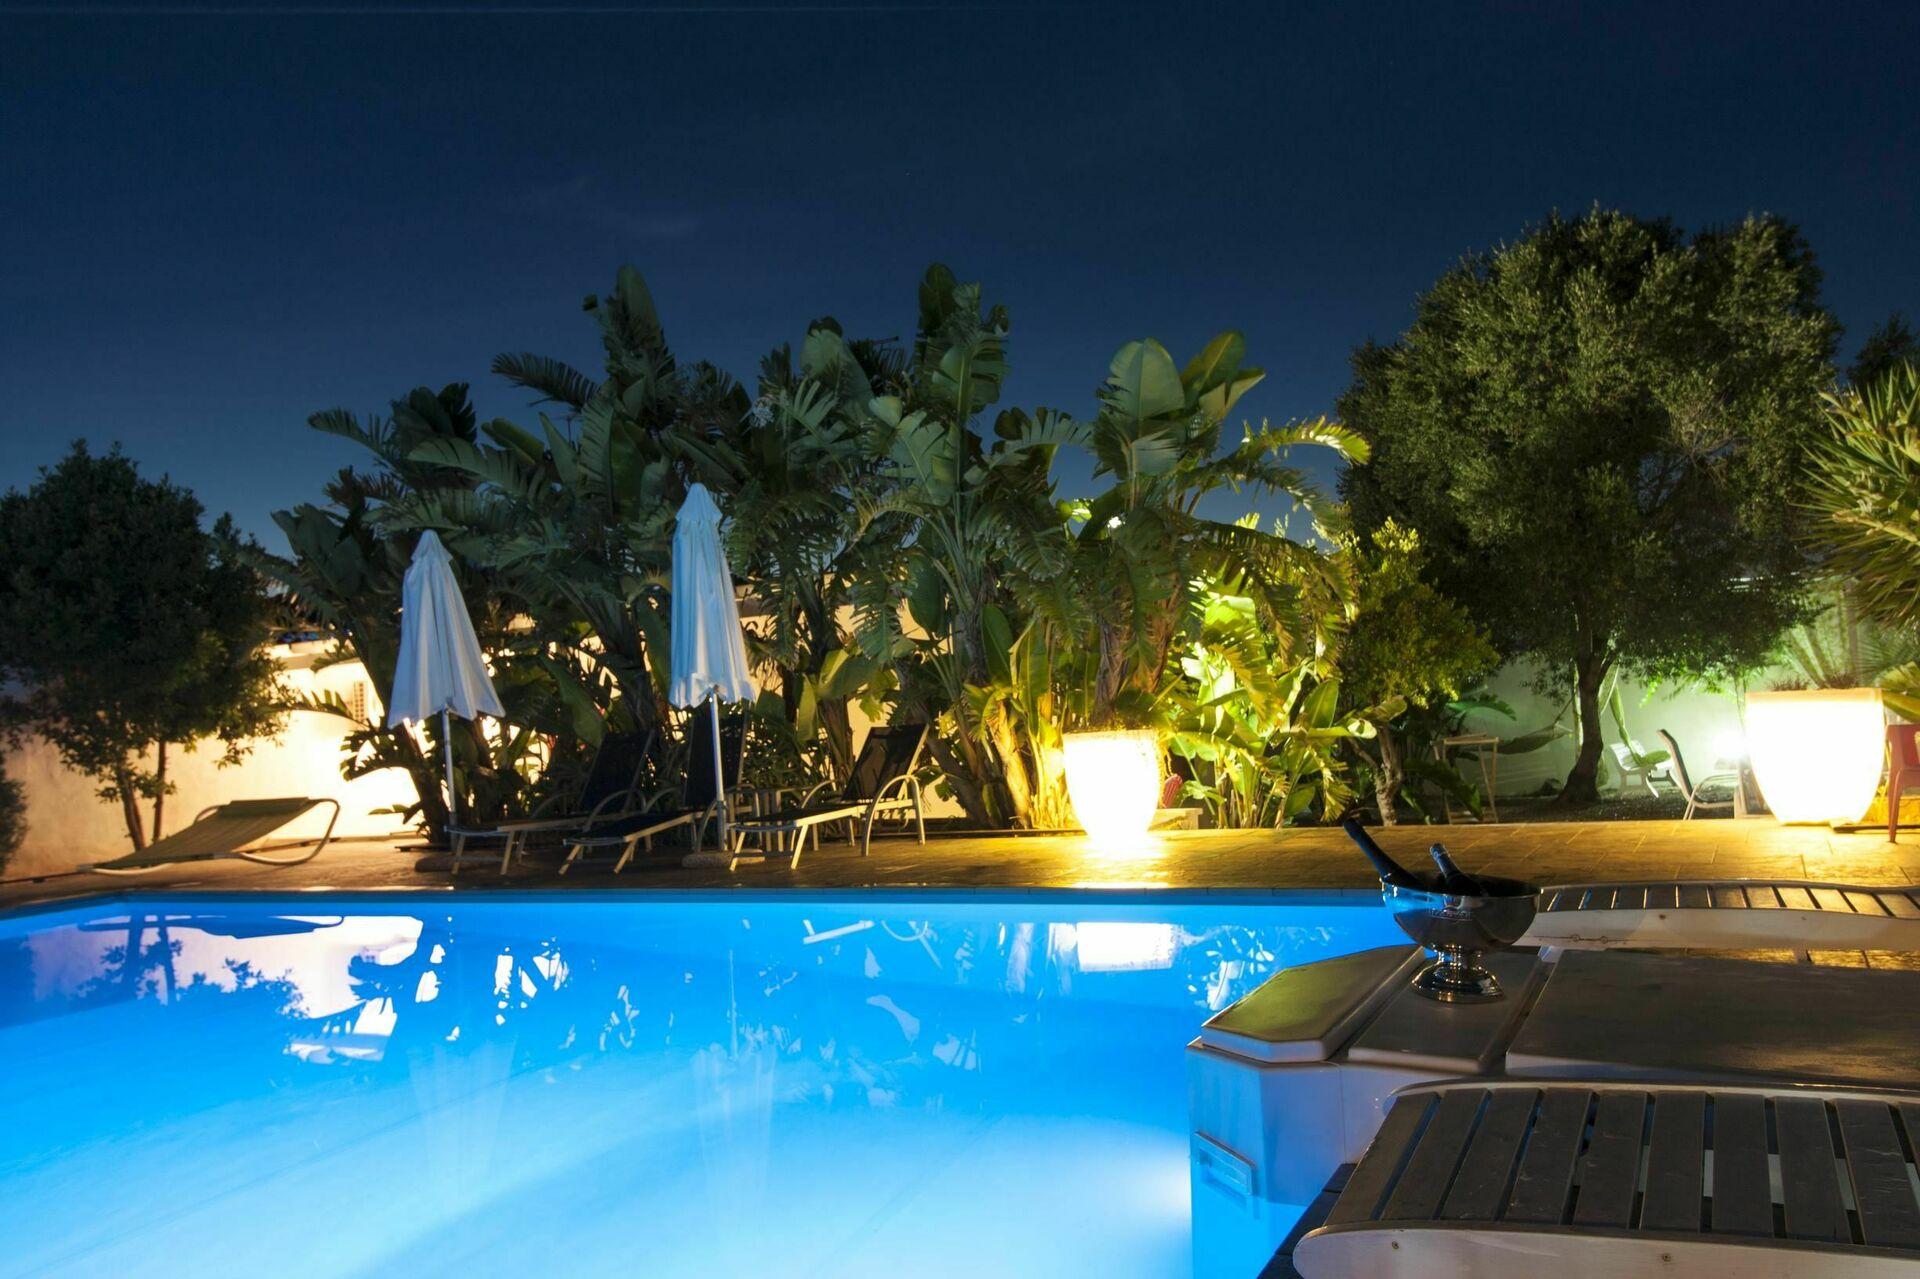 Cotriero appartamenti per vacanze in affitto a gallipoli for Appartamenti arredati in affitto bari